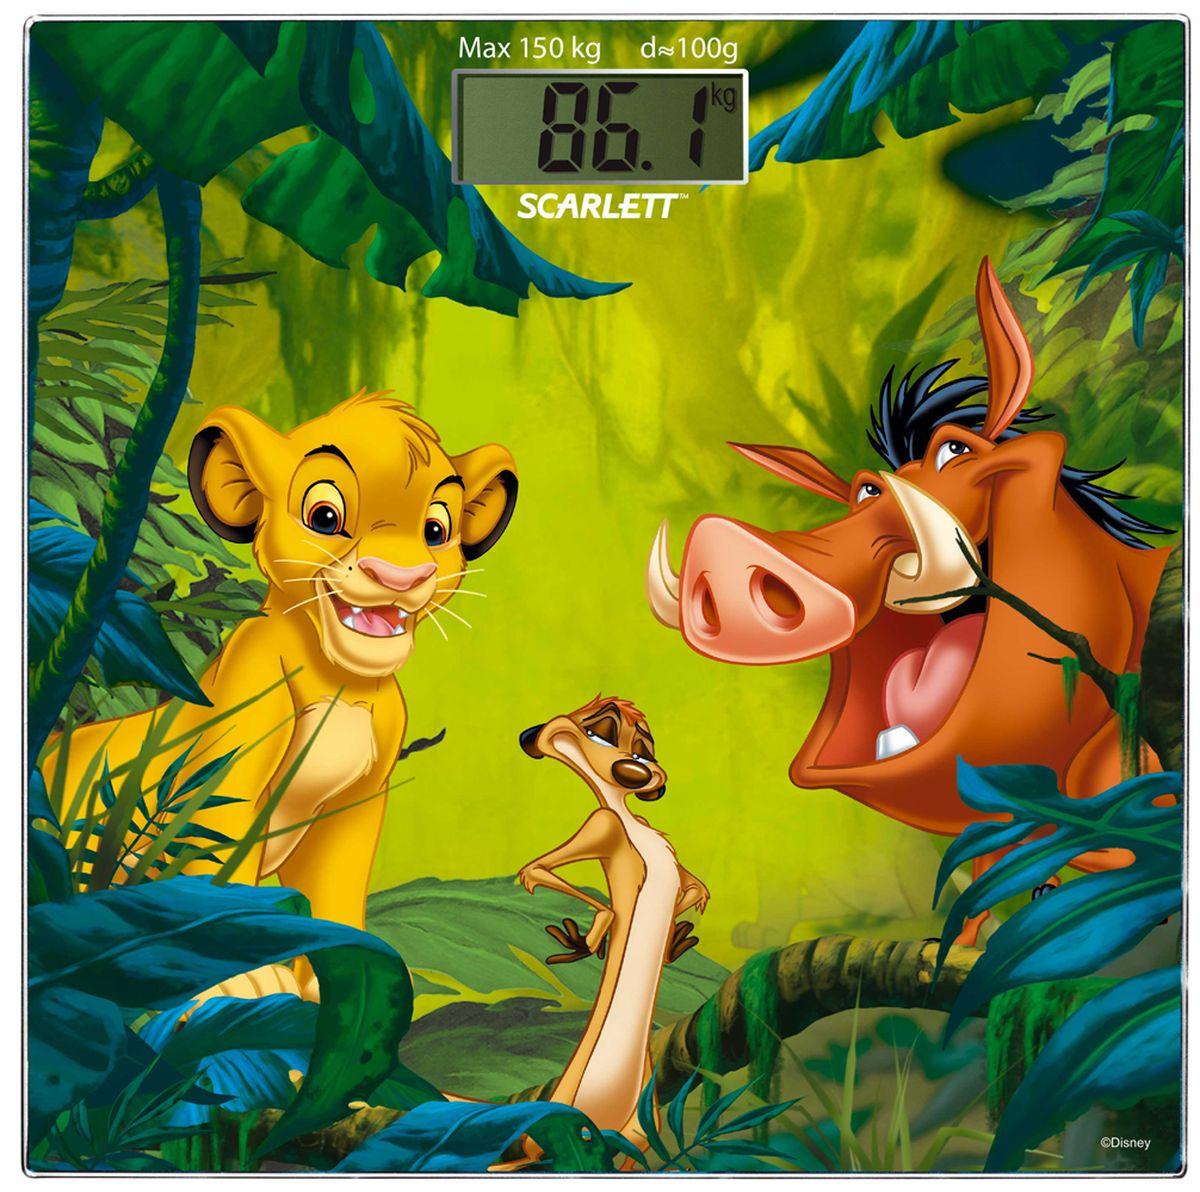 Scarlett SC-BSD33E893 напольные весыSC-BSD33E893Электронные напольные весы Scarlett SC-BSD33E893 - это высокоточный прибор, который быстро и эффективно измерит вес пользователя. При этом устройство получило яркий корпус с рисунком Disney, который легко впишется в интерьер детской комнаты. Весы обладают высокой точностью измерения веса. Имеют устойчивую и особо прочную стеклянную платформу